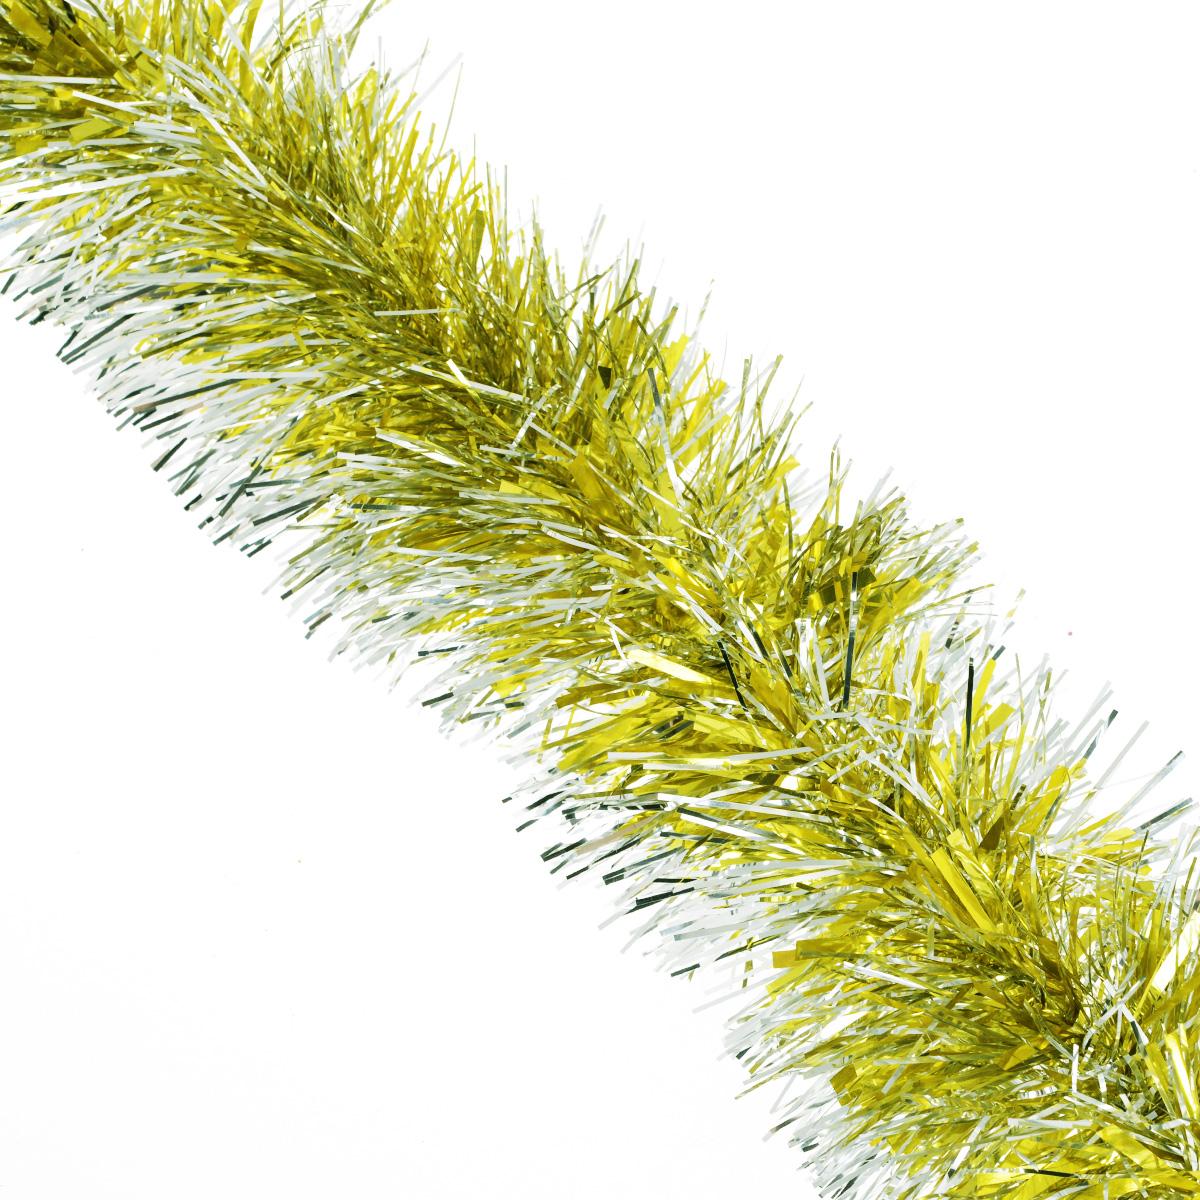 Мишура новогодняя Sima-land, цвет: золотистый, серебристый, диаметр 9 см, длина 165 см. 623233623233Мишура новогодняя Sima-land, выполненная из фольги, поможет вам украсить свой дом к предстоящим праздникам. Мишура армирована, то есть имеет проволоку внутри и способна сохранять приданную ей форму. Новогодняя елка с таким украшением станет еще наряднее. Новогодней мишурой можно украсить все, что угодно - елку, квартиру, дачу, офис - как внутри, так и снаружи. Можно сложить новогодние поздравления, буквы и цифры, мишурой можно украсить и дополнить гирлянды, можно выделить дверные колонны, оплести дверные проемы.